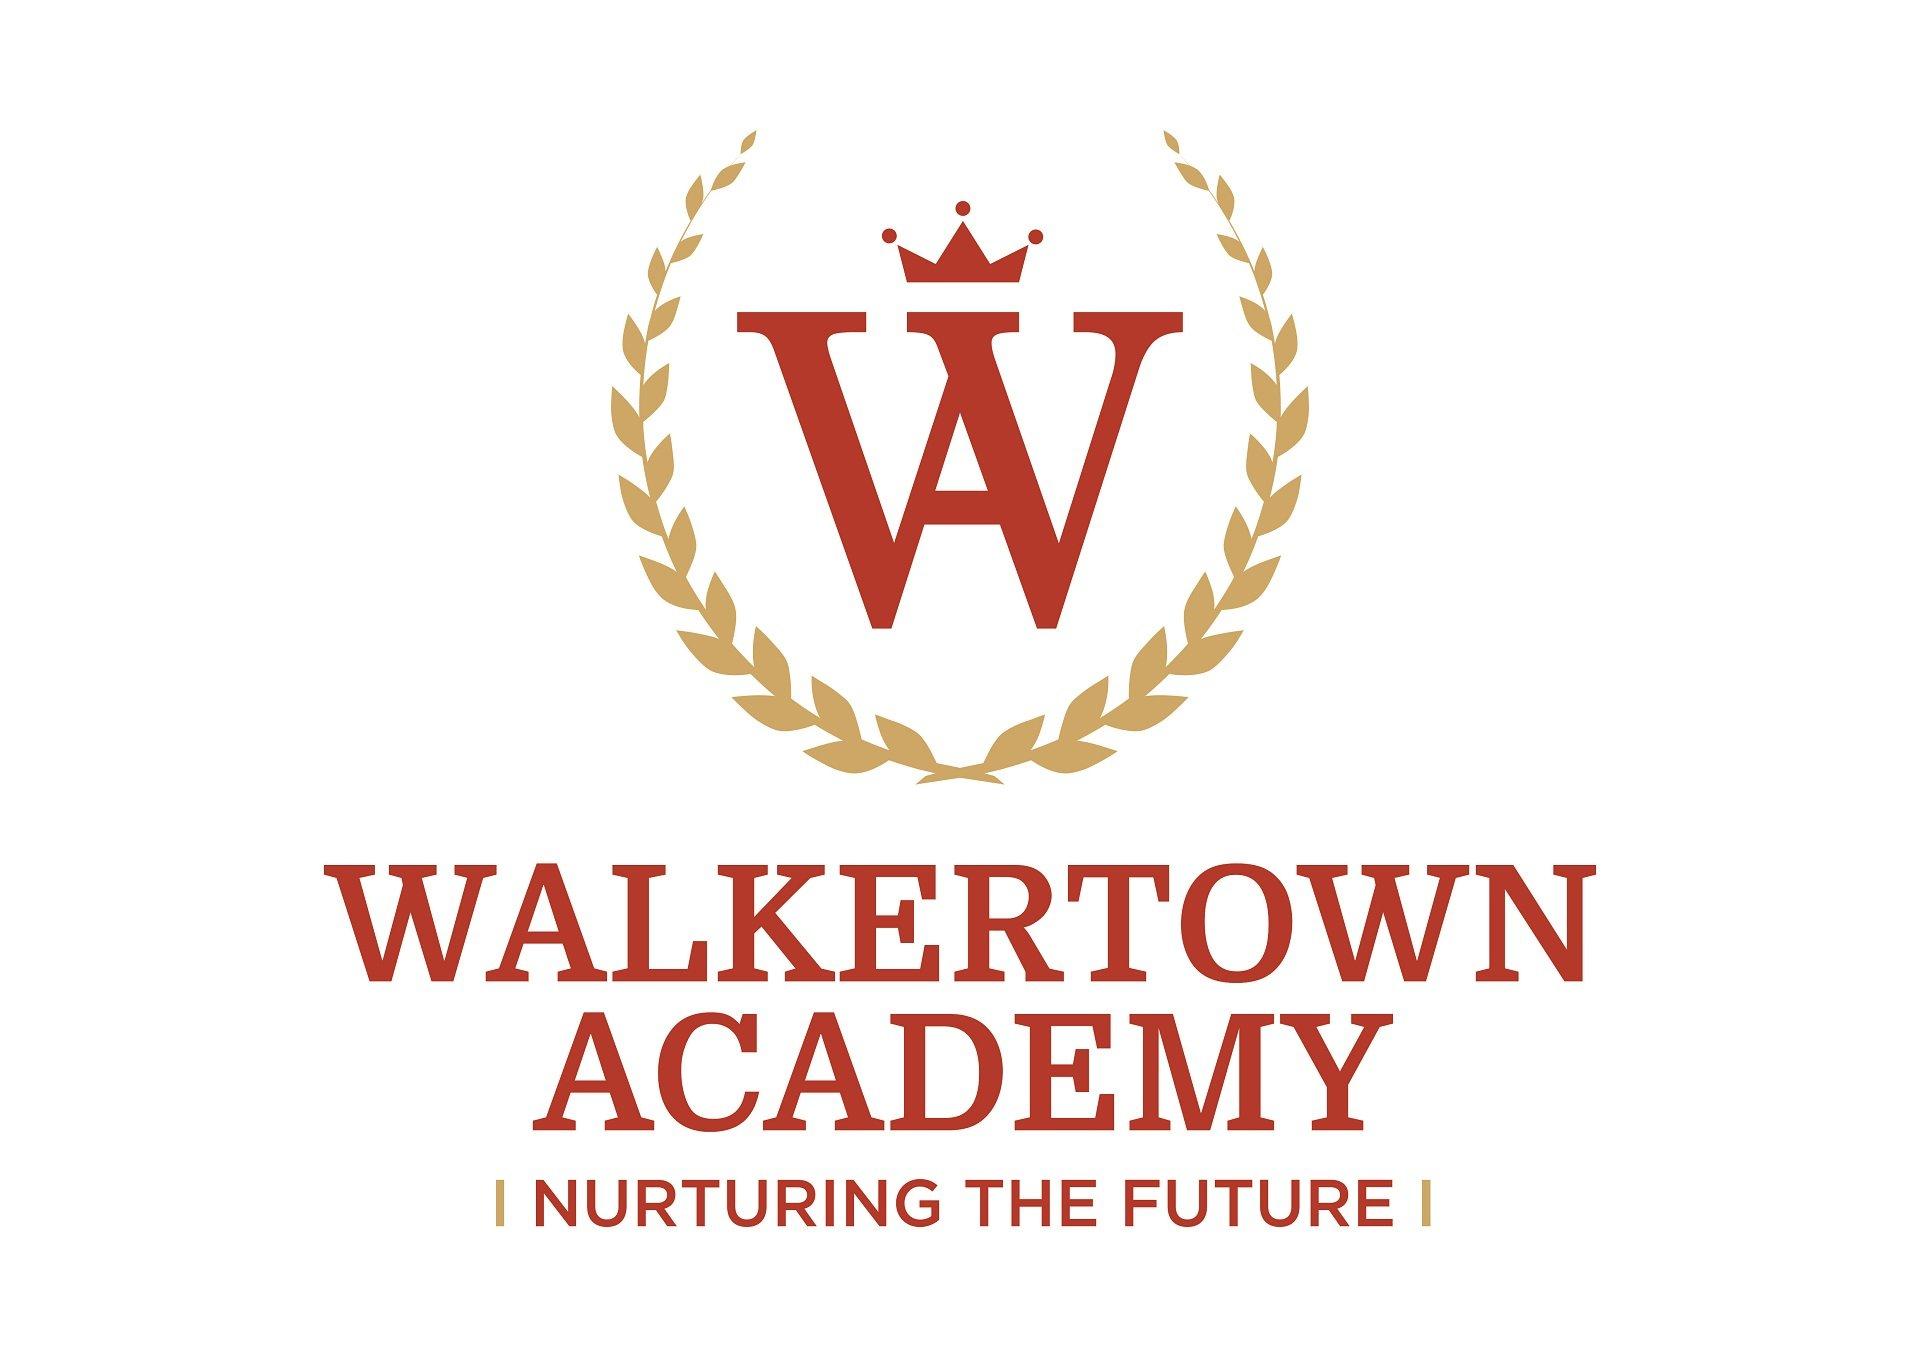 Walkertown Academy